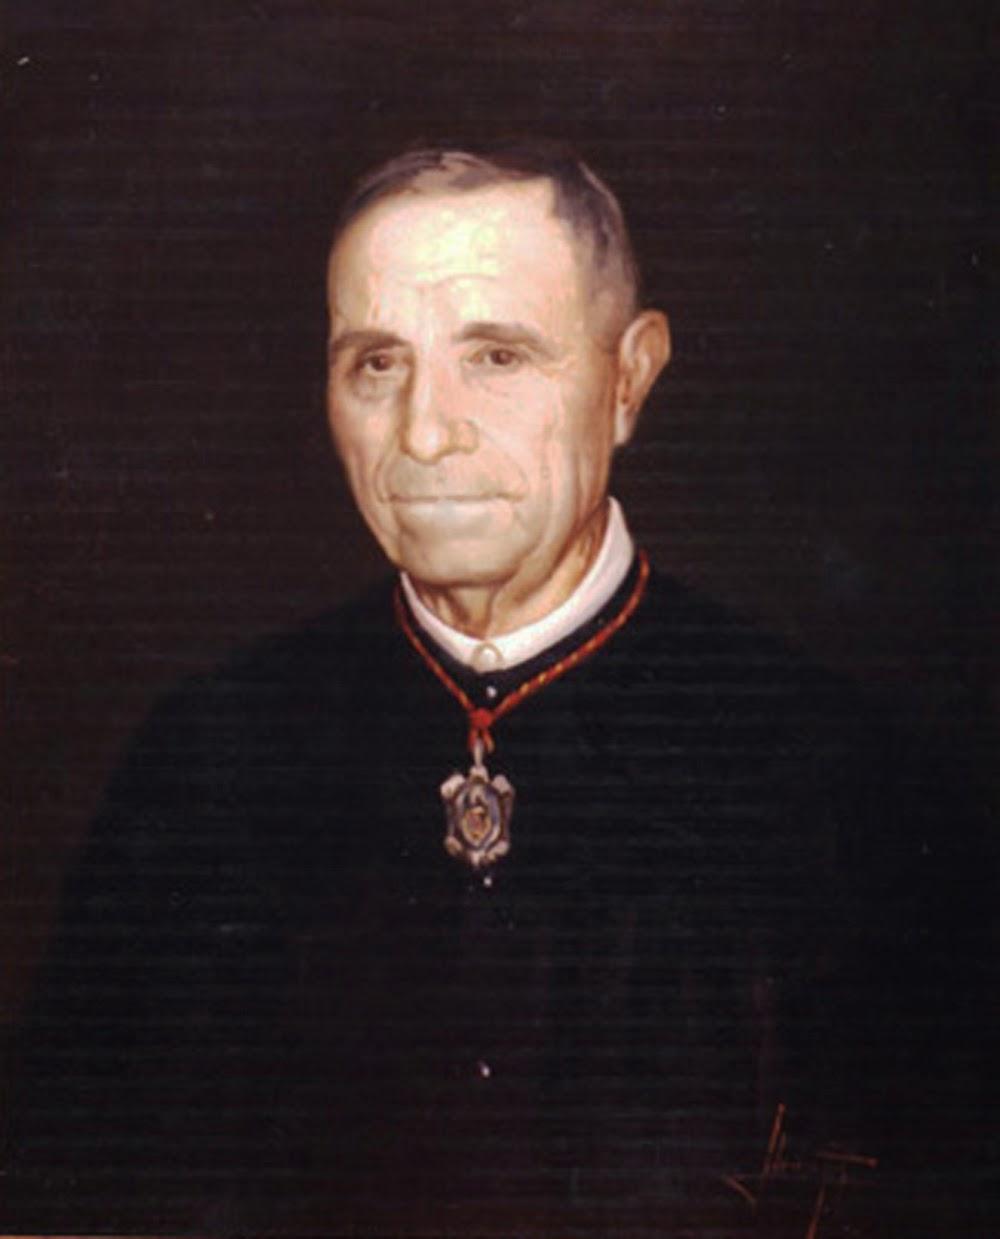 Vicente Llorens Poy